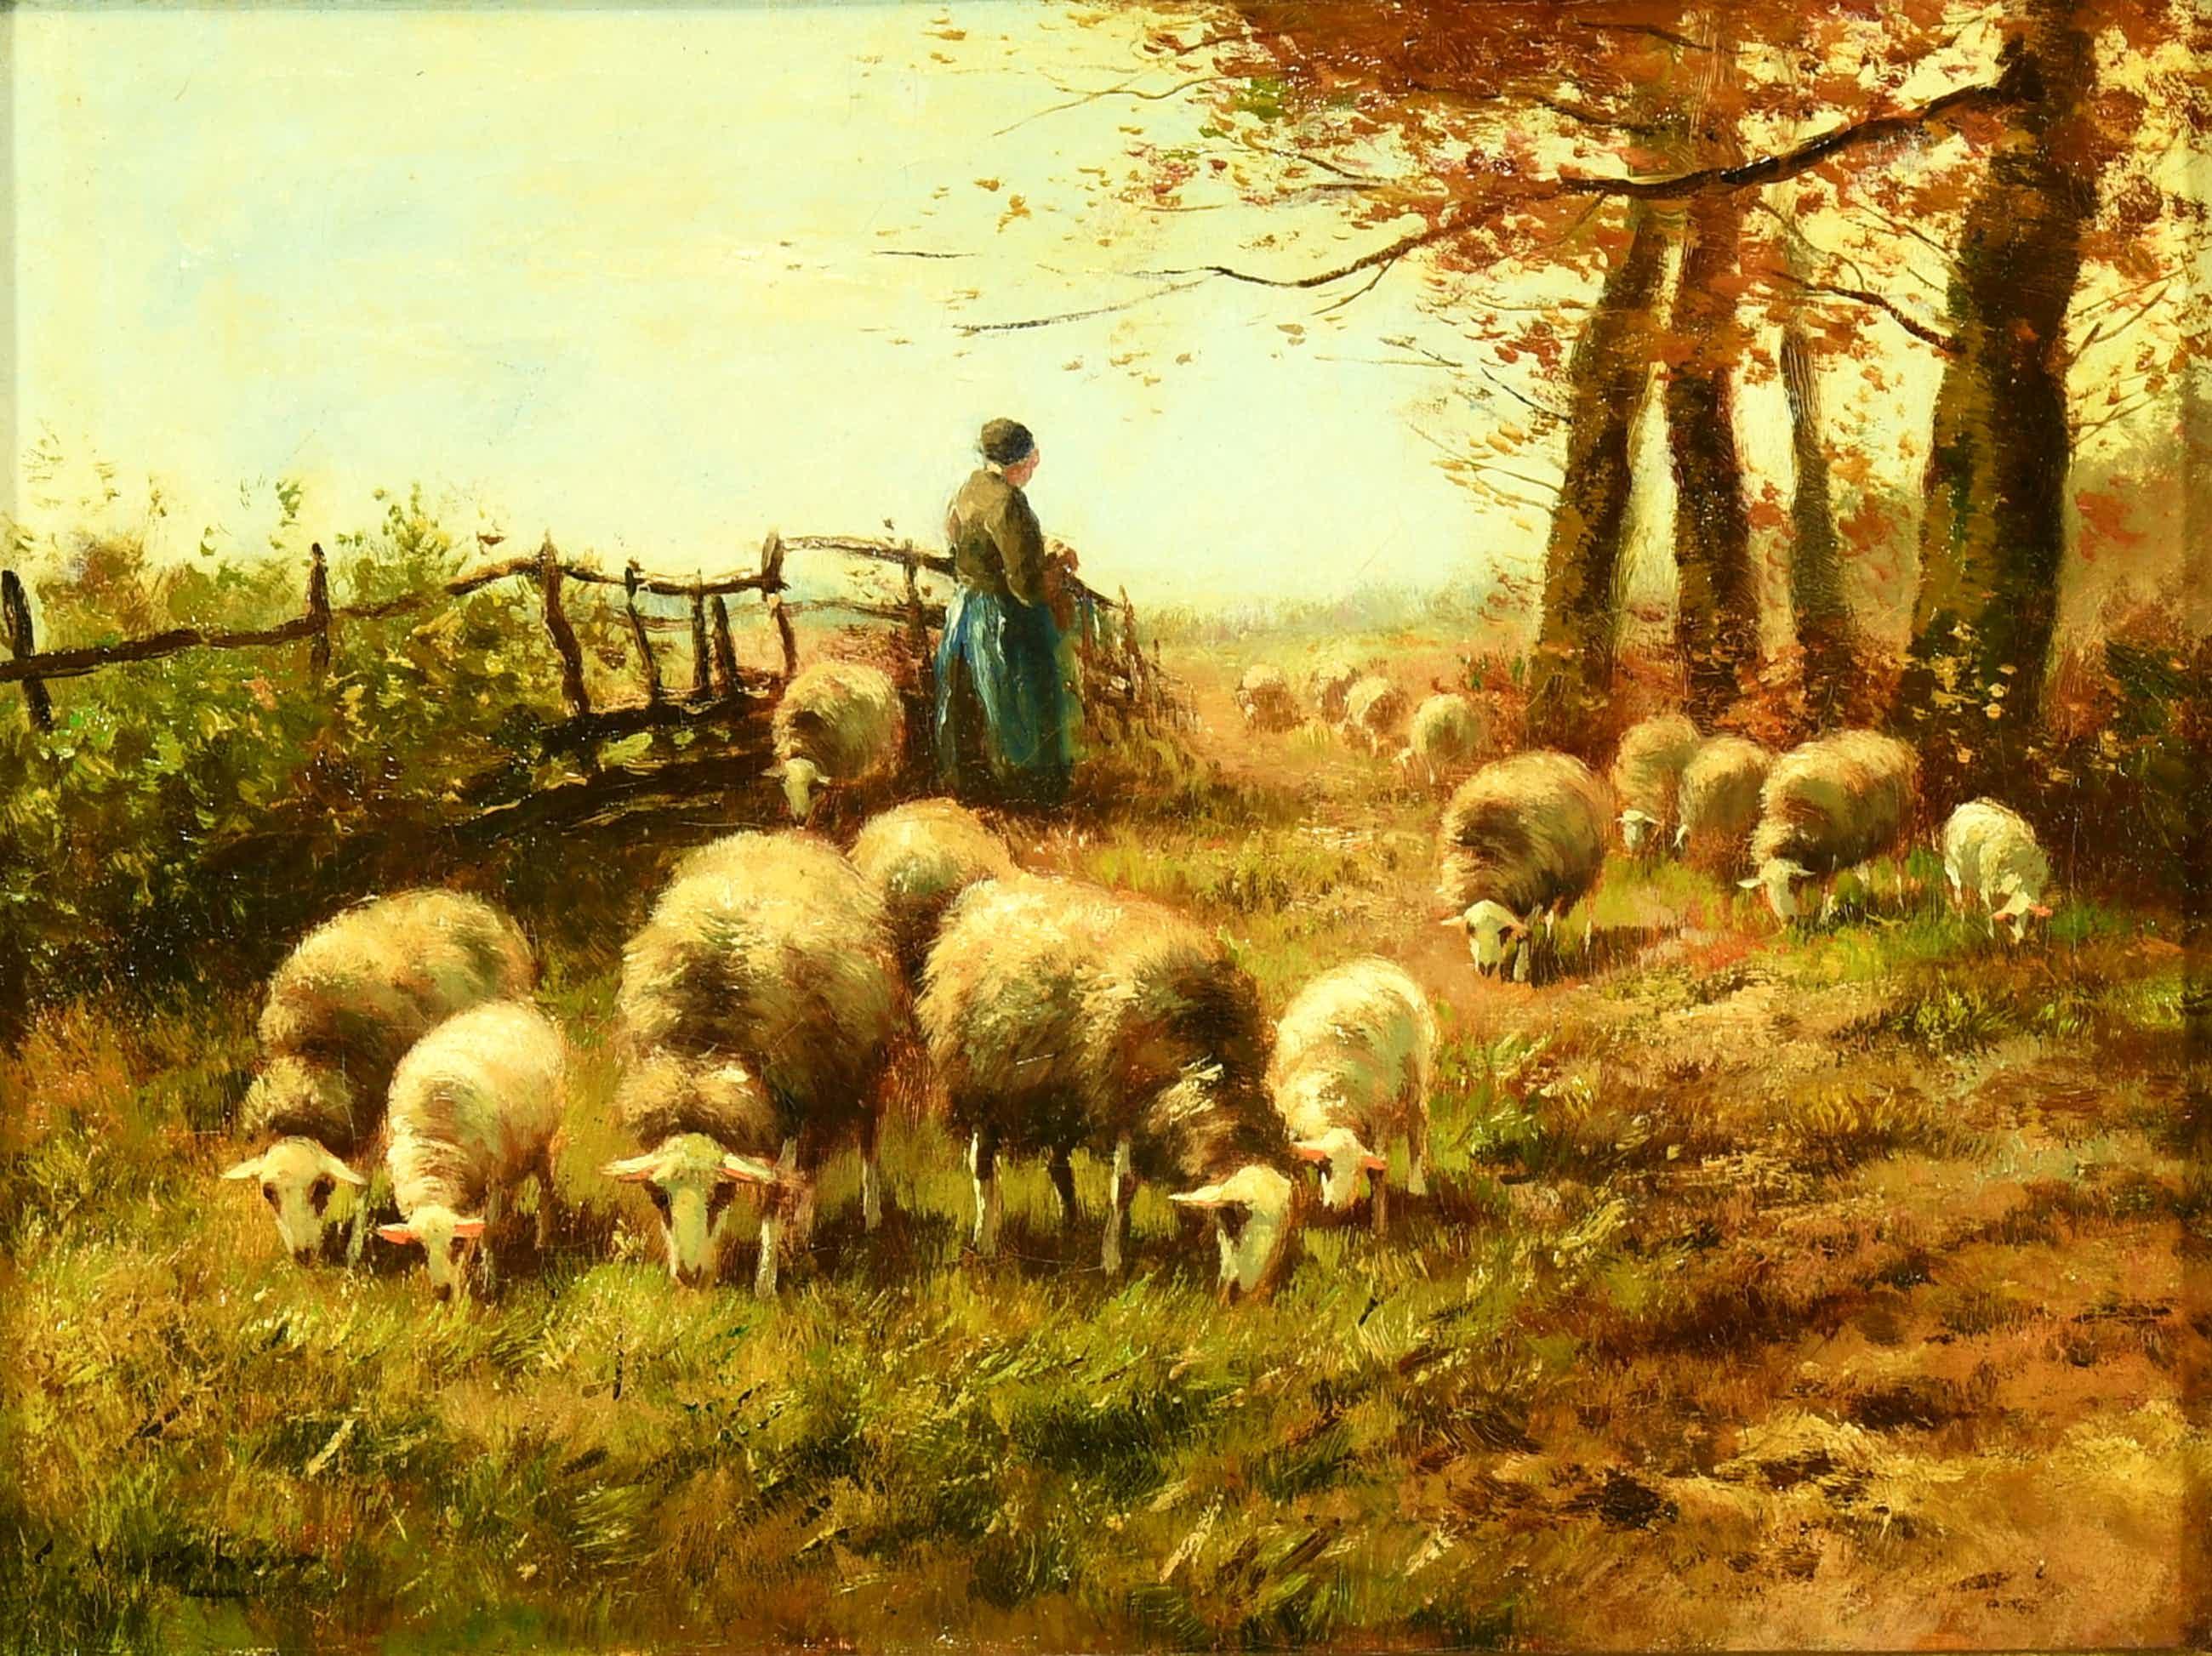 """Cor Bouter - (1888-1966) - """"Herderin met schapen""""- Olieverf op doek - Signatuur L. kopen? Bied vanaf 325!"""